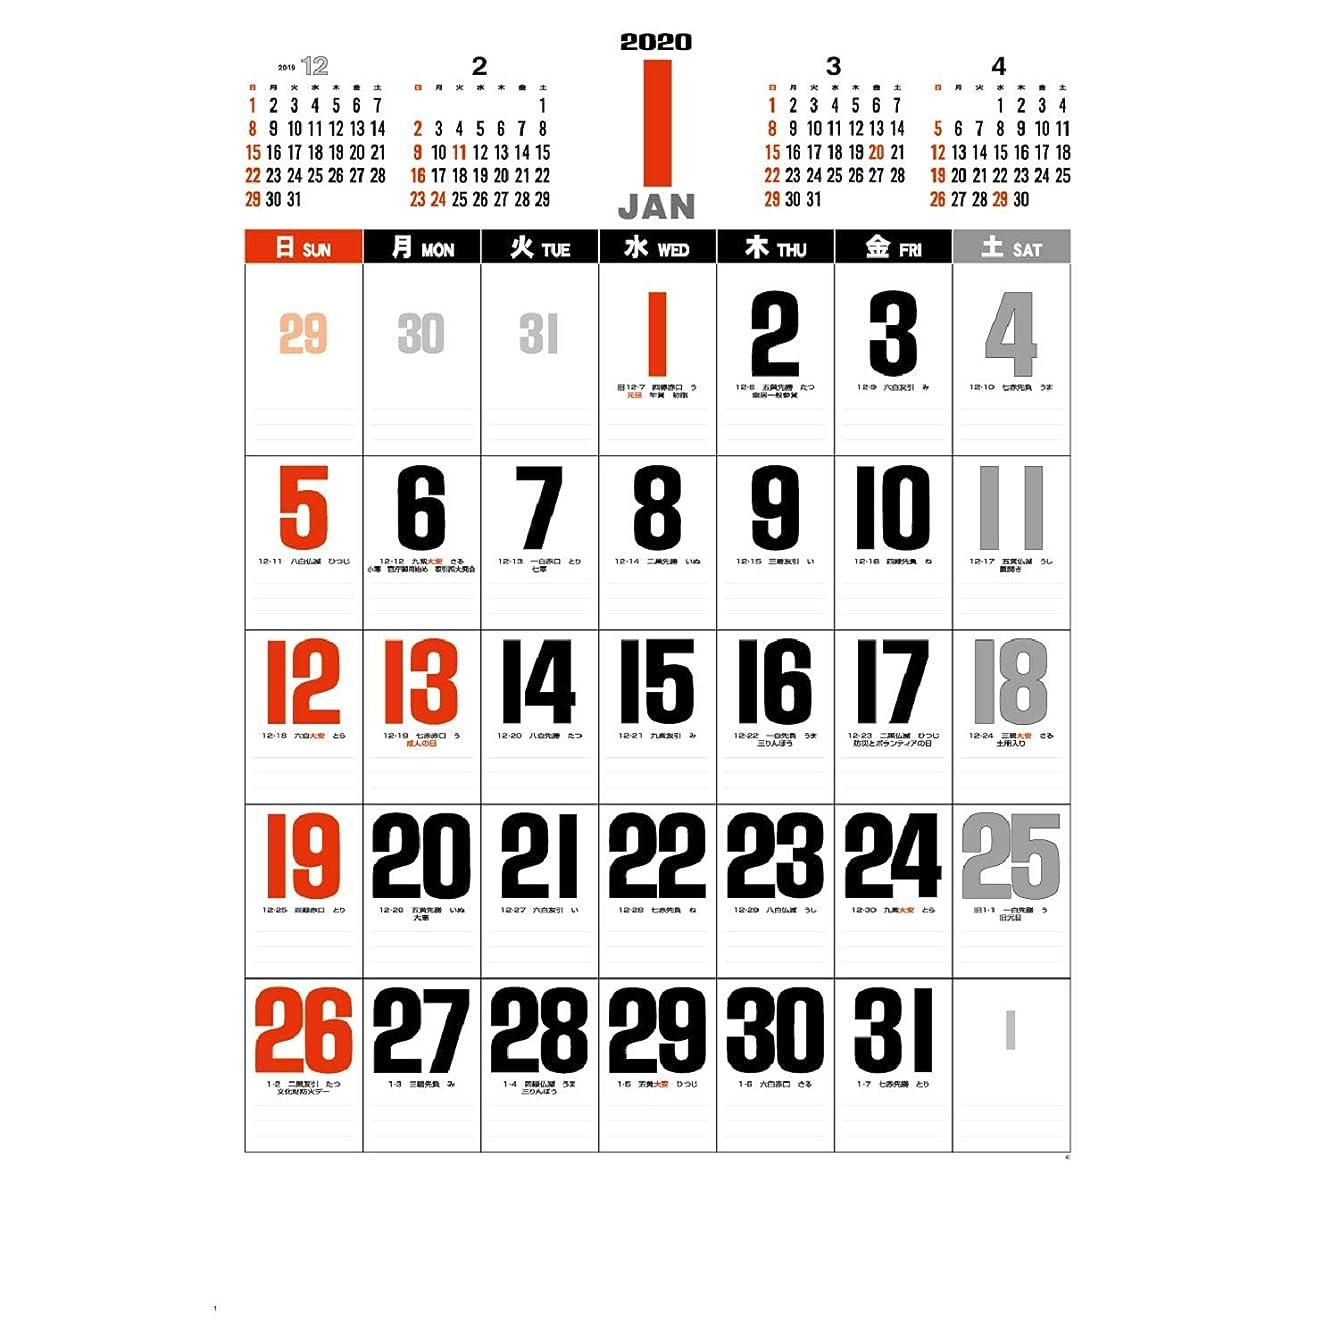 周り悩むおもちゃキングコーポレーション 2020年 2色ジャンボ文字 カレンダー 壁掛け B2 KC20043